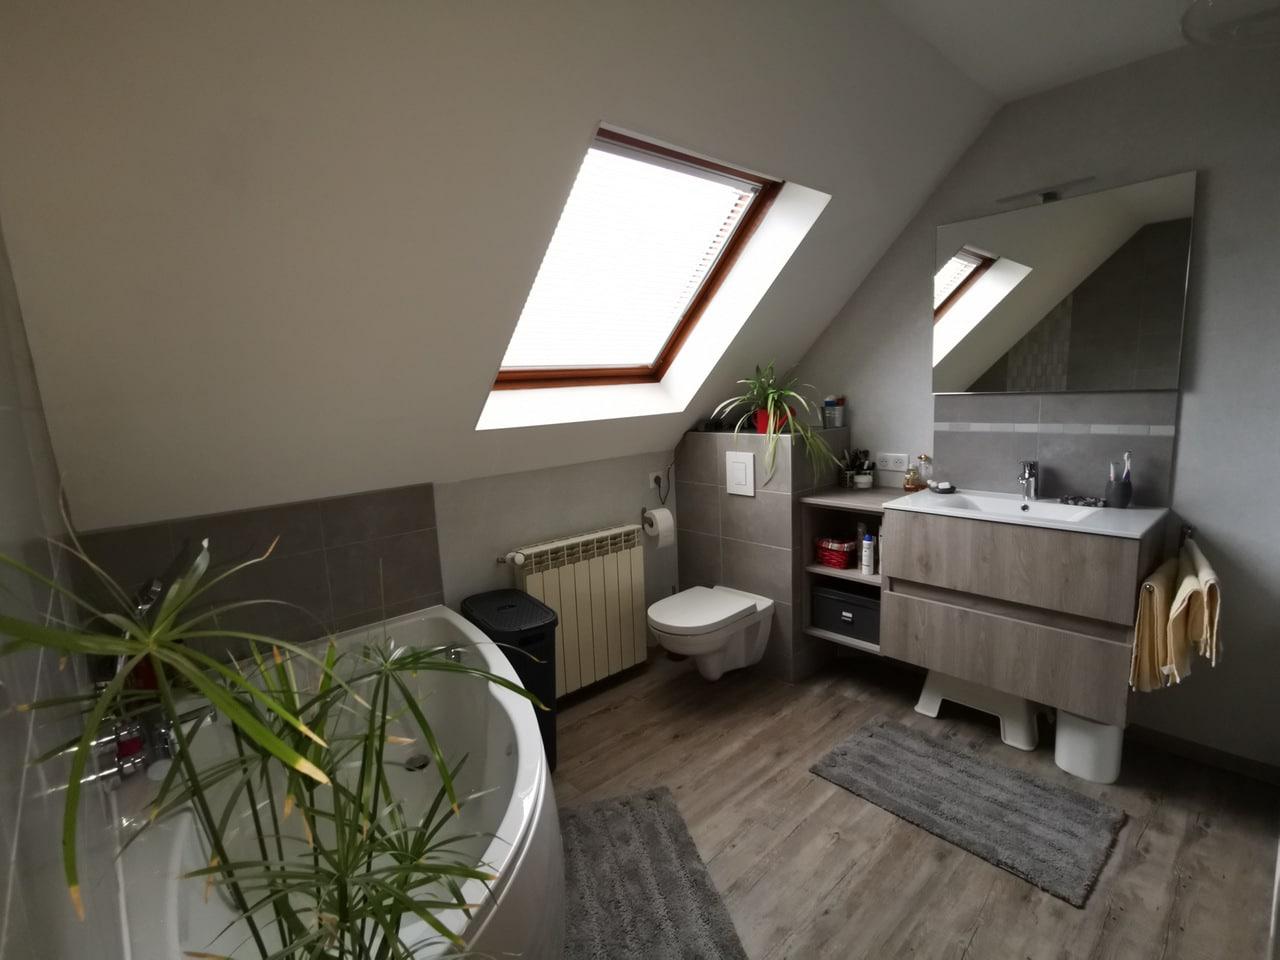 Rénovation de salle de bain à Eckbolsheim près de Strasbourg (67)